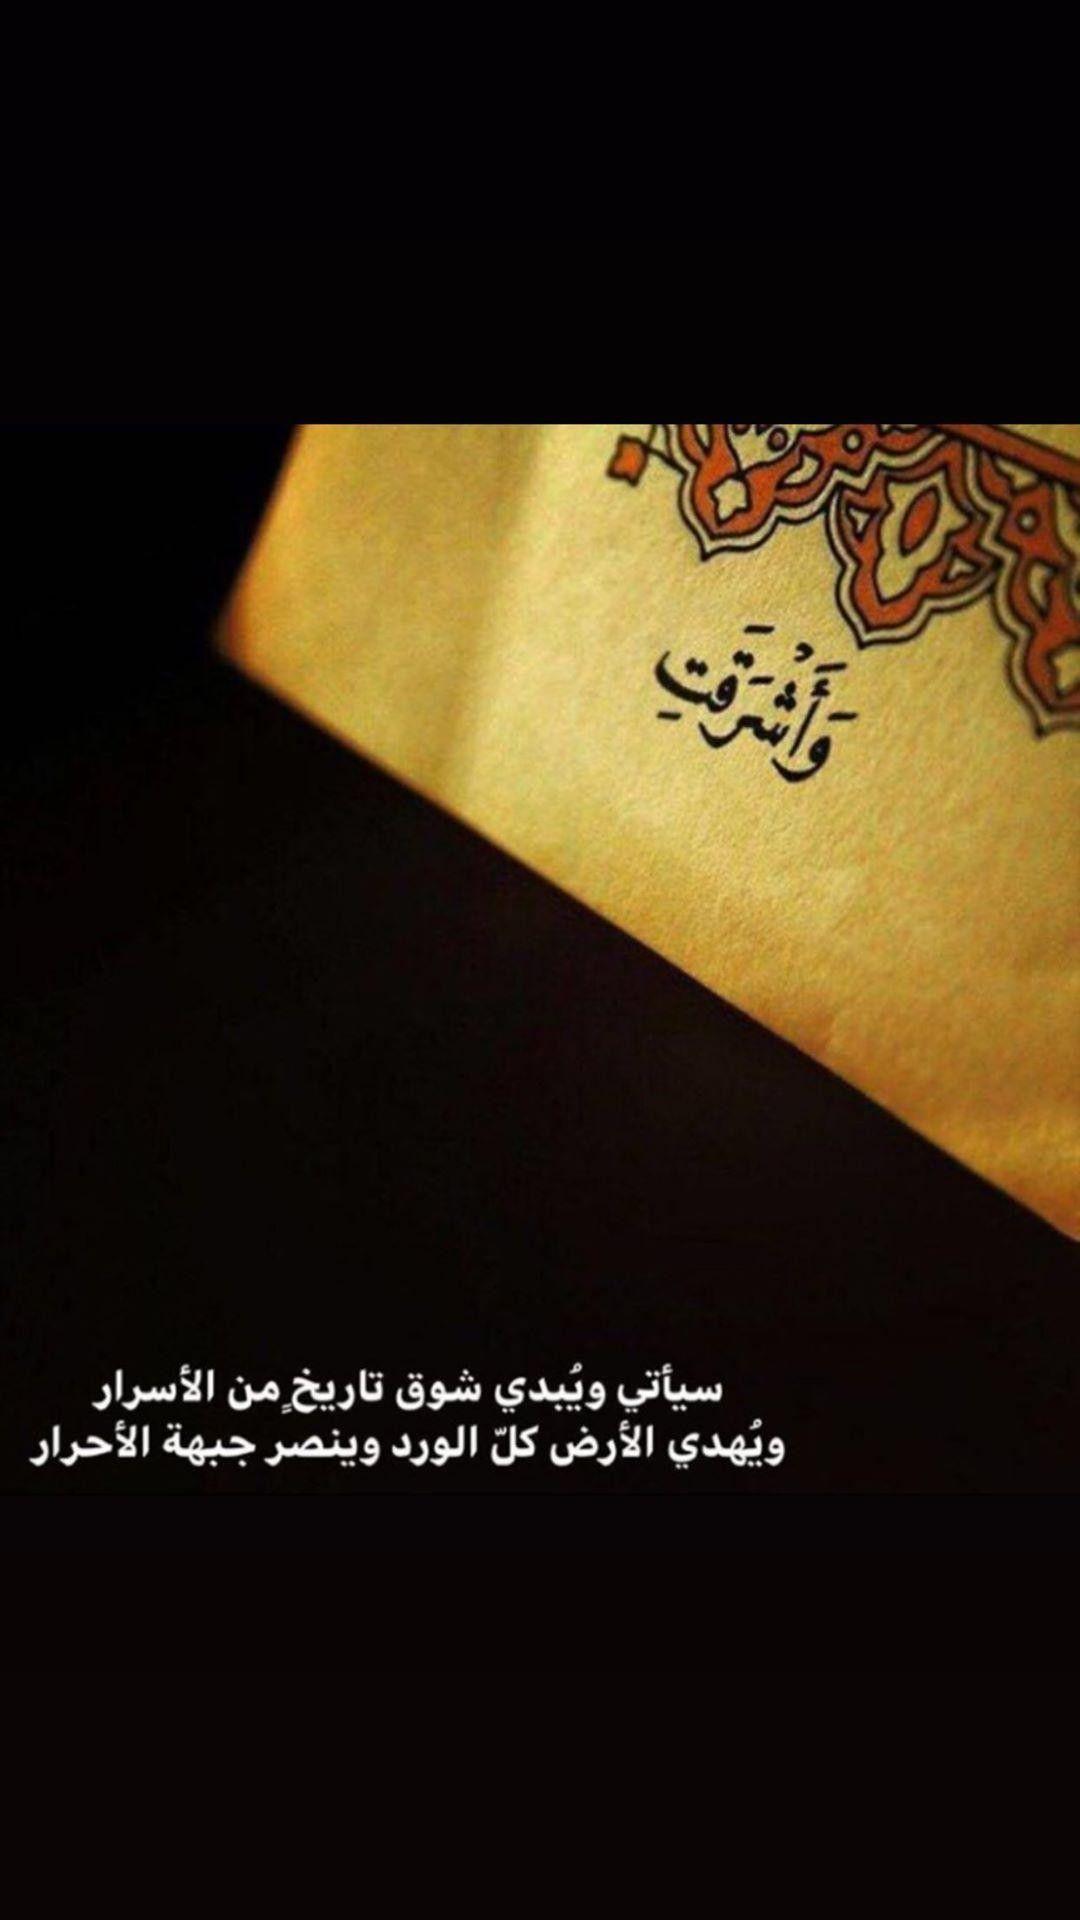 قران ايات صباح الخير اسلام دين المهدي الحسين محمد الشهيد ابراهيم هادي اسلام السعودية ا Cartoon Girl Drawing Girl Cartoon Girl Drawing